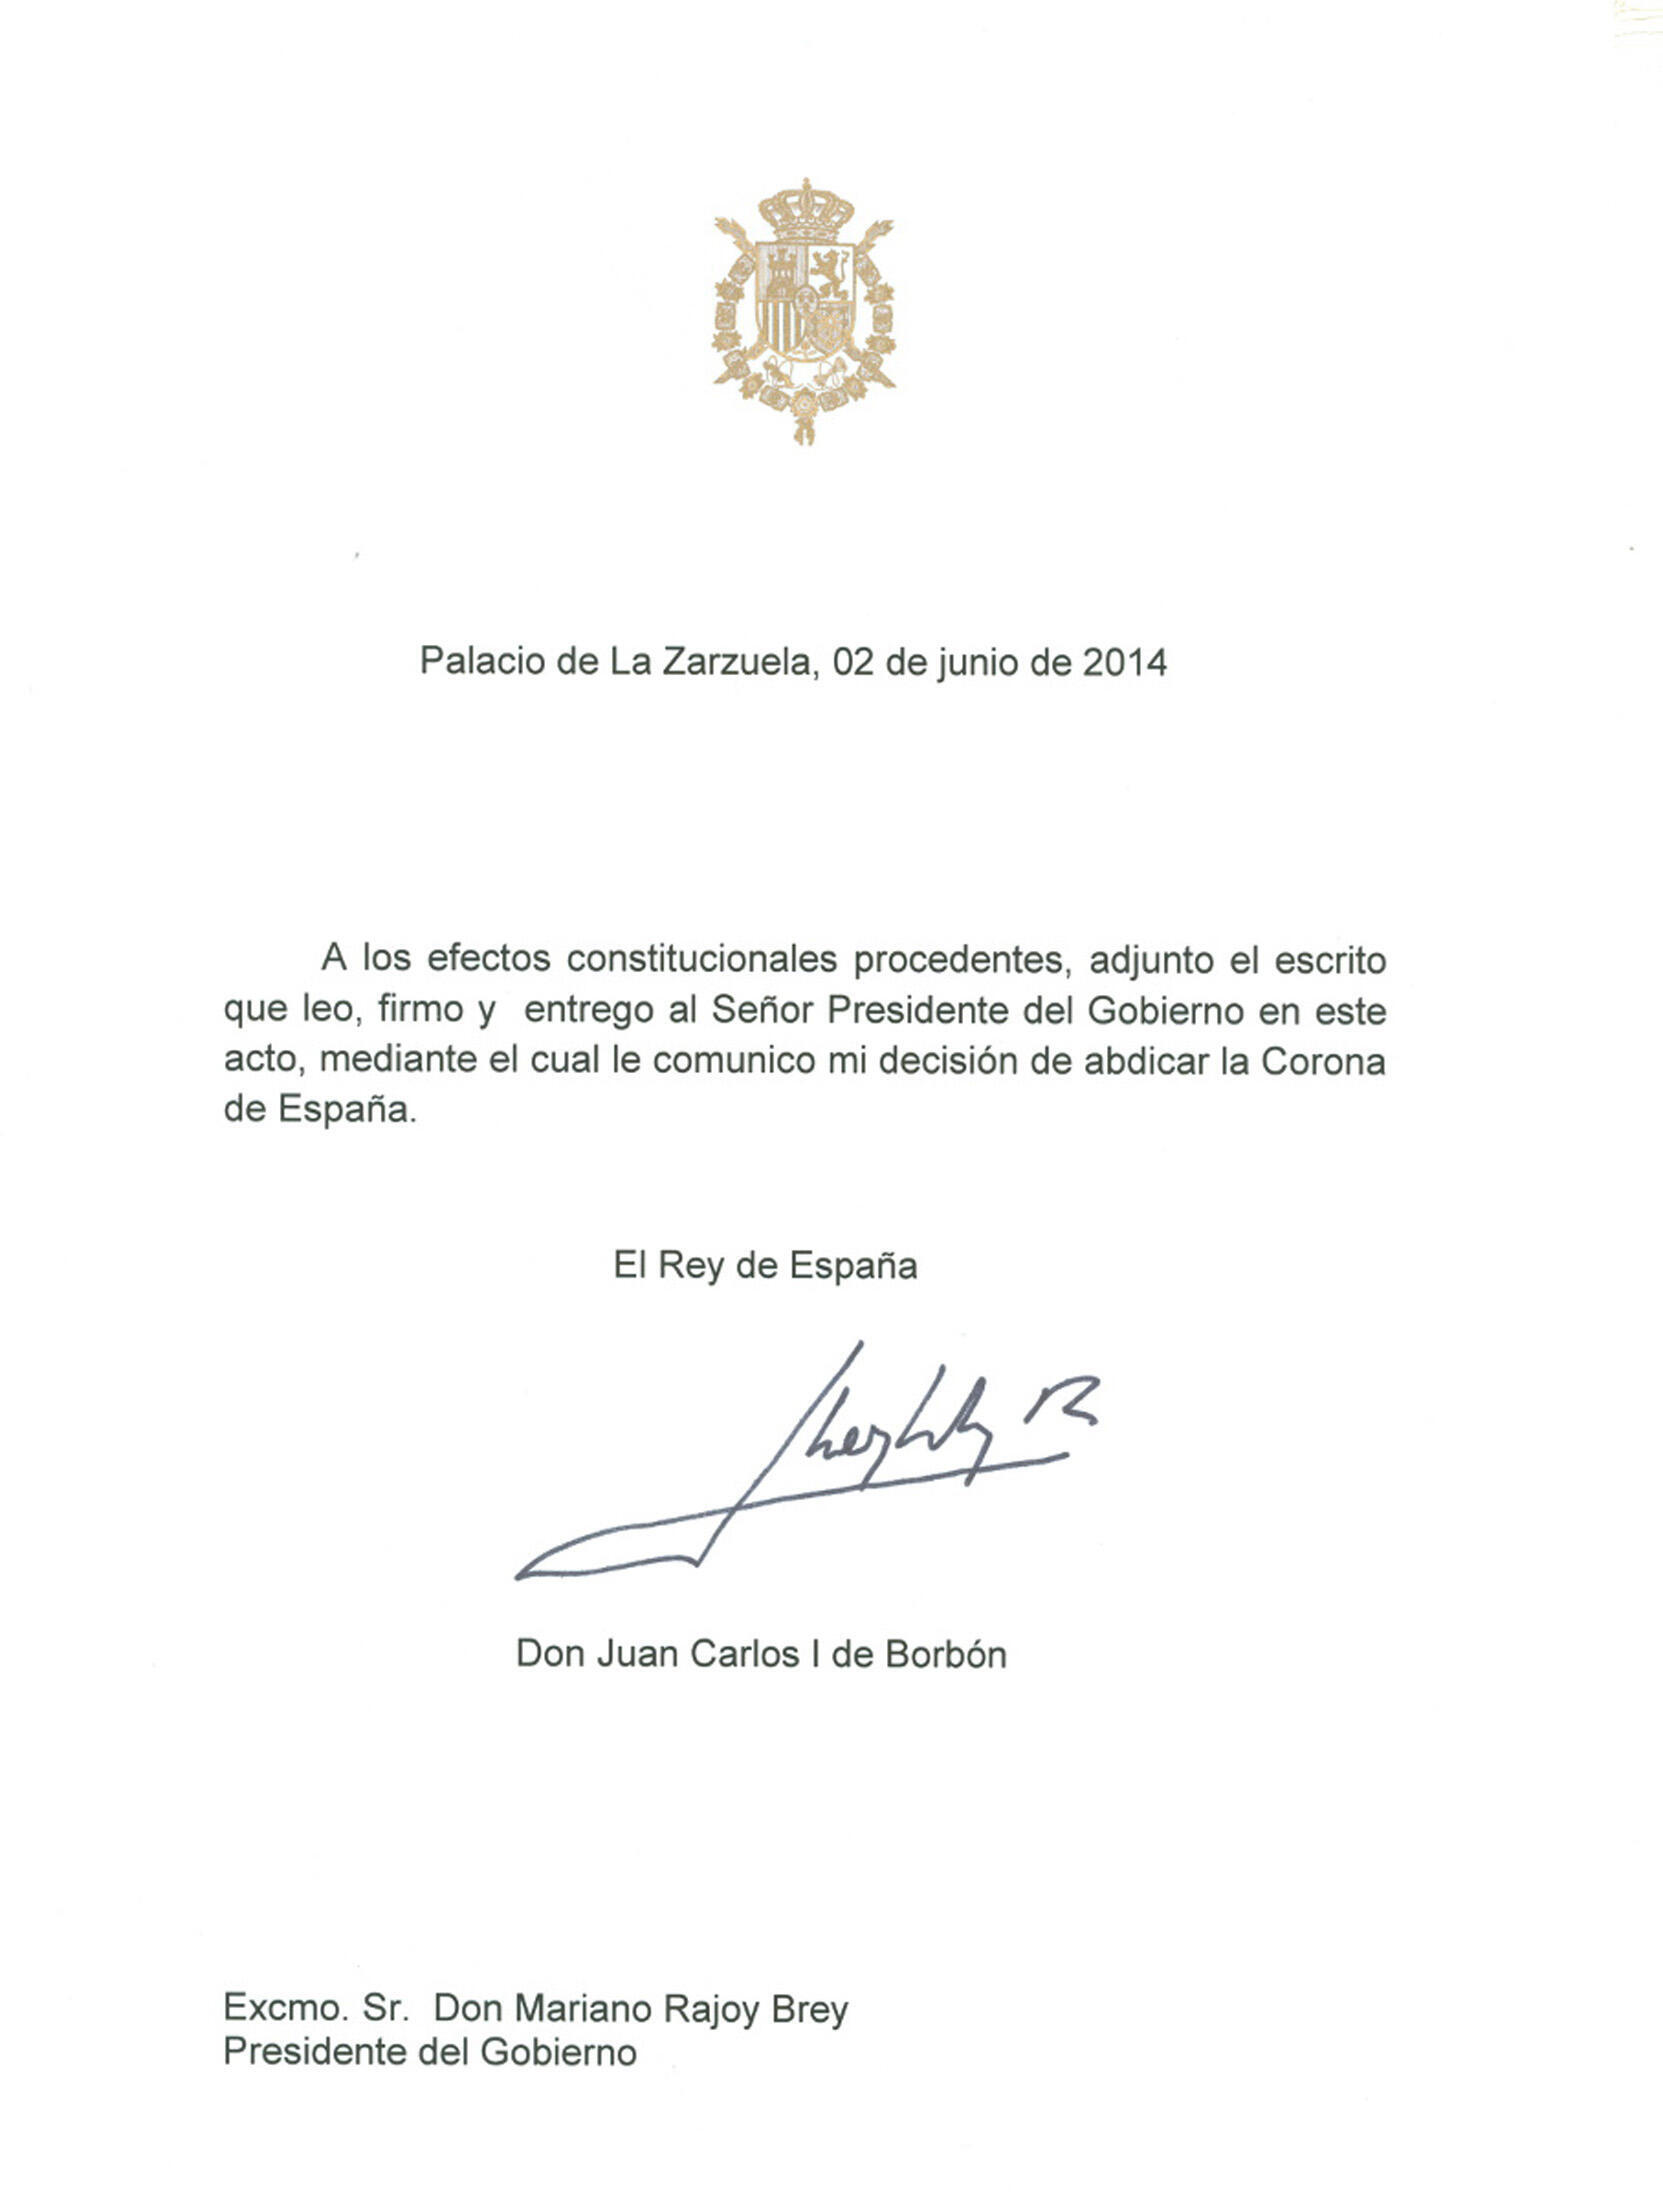 Carta en la que Juan Carlos I anuncia su decisión de abdicar.